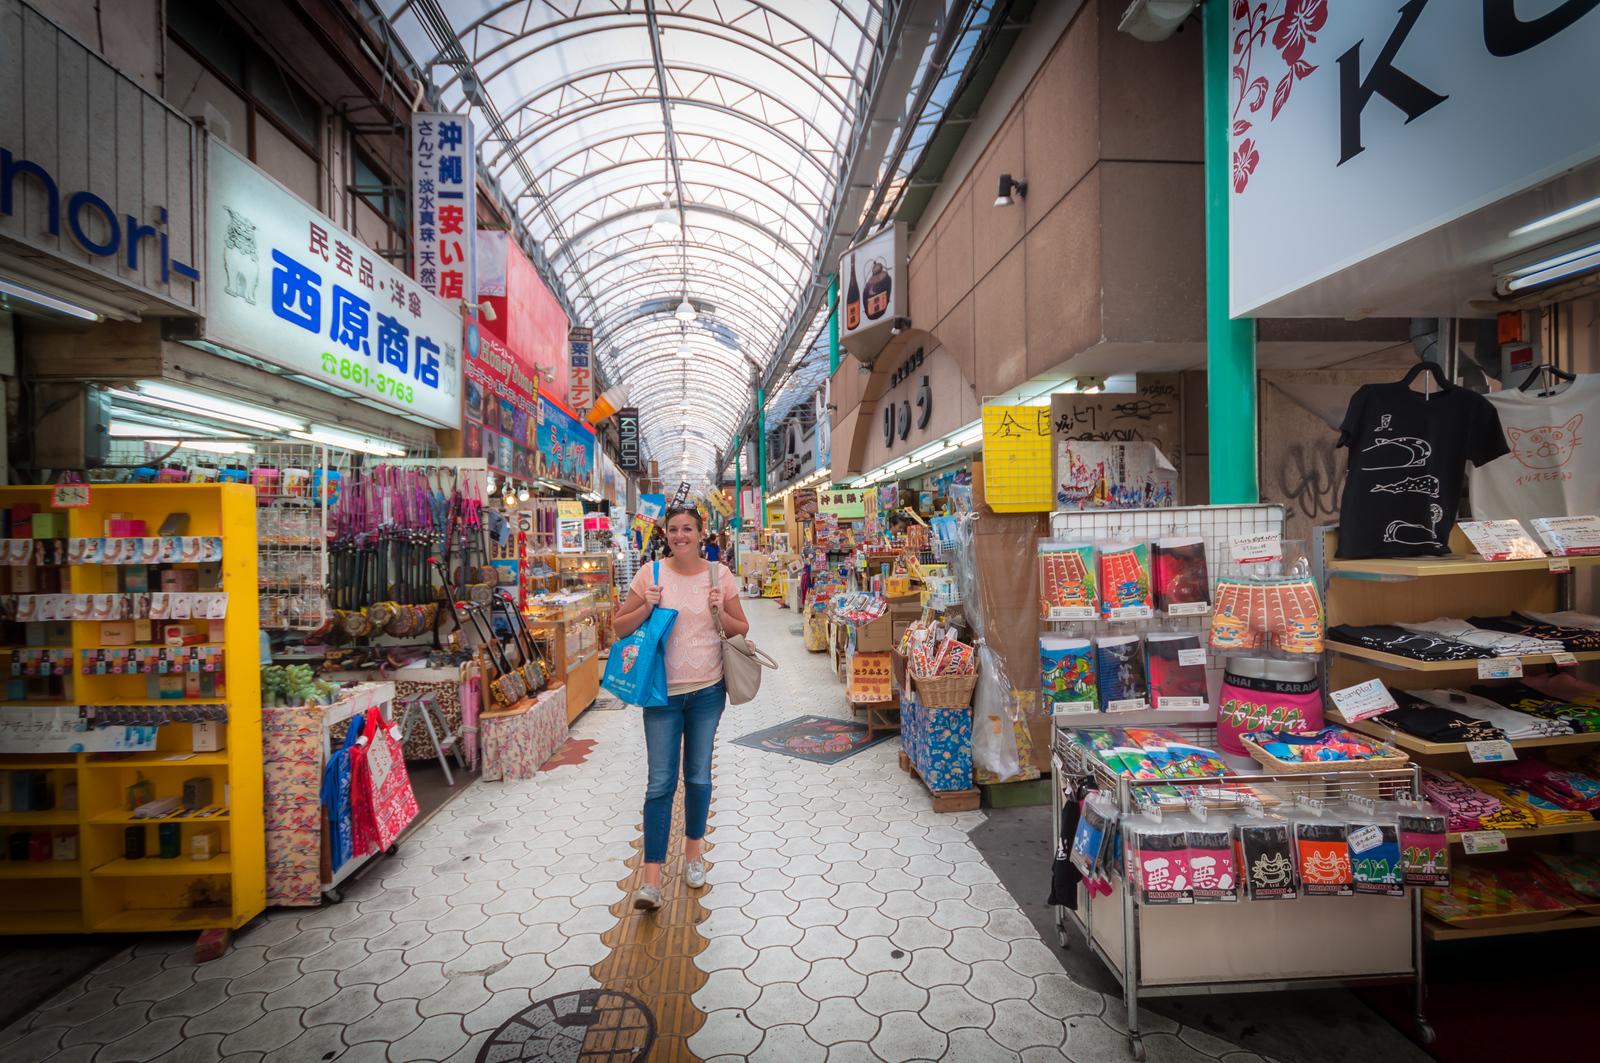 Shopping at Kokusai Street - September 25